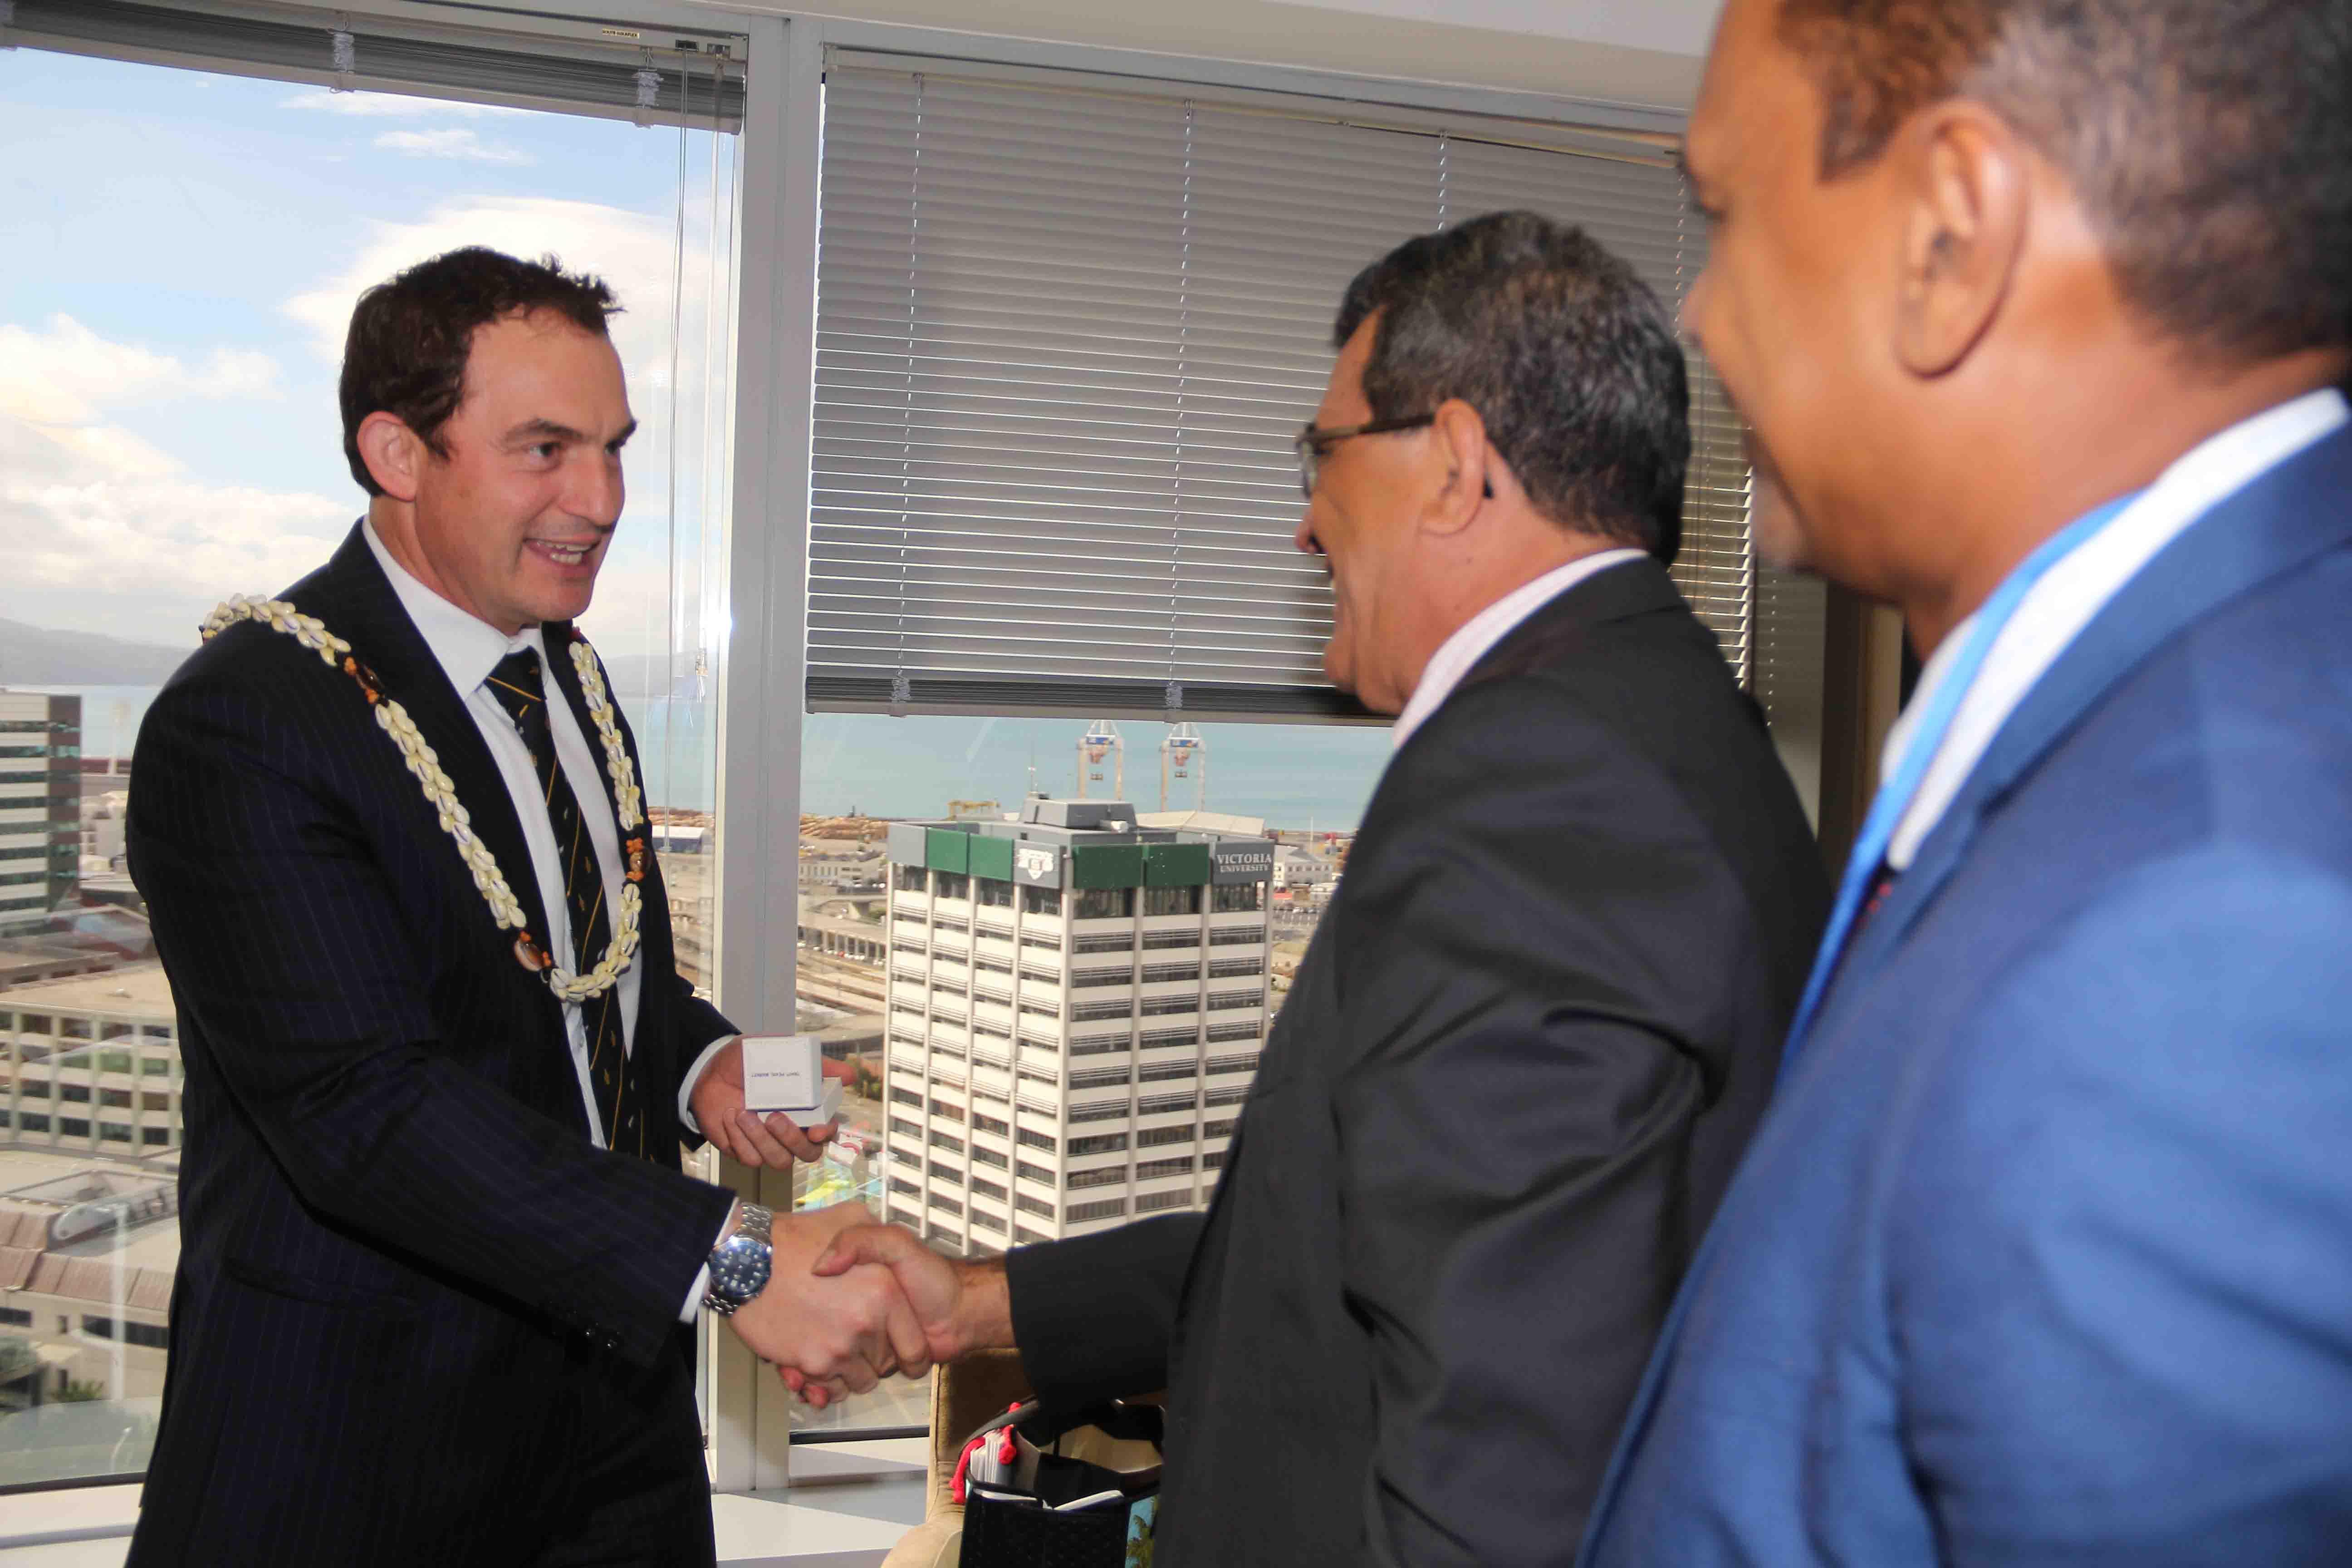 Un premier entretien s'est ainsi déroulé, lundi matin, heure de Nouvelle-Zélande, avec le ministre des Pêches, Stuart Nash.